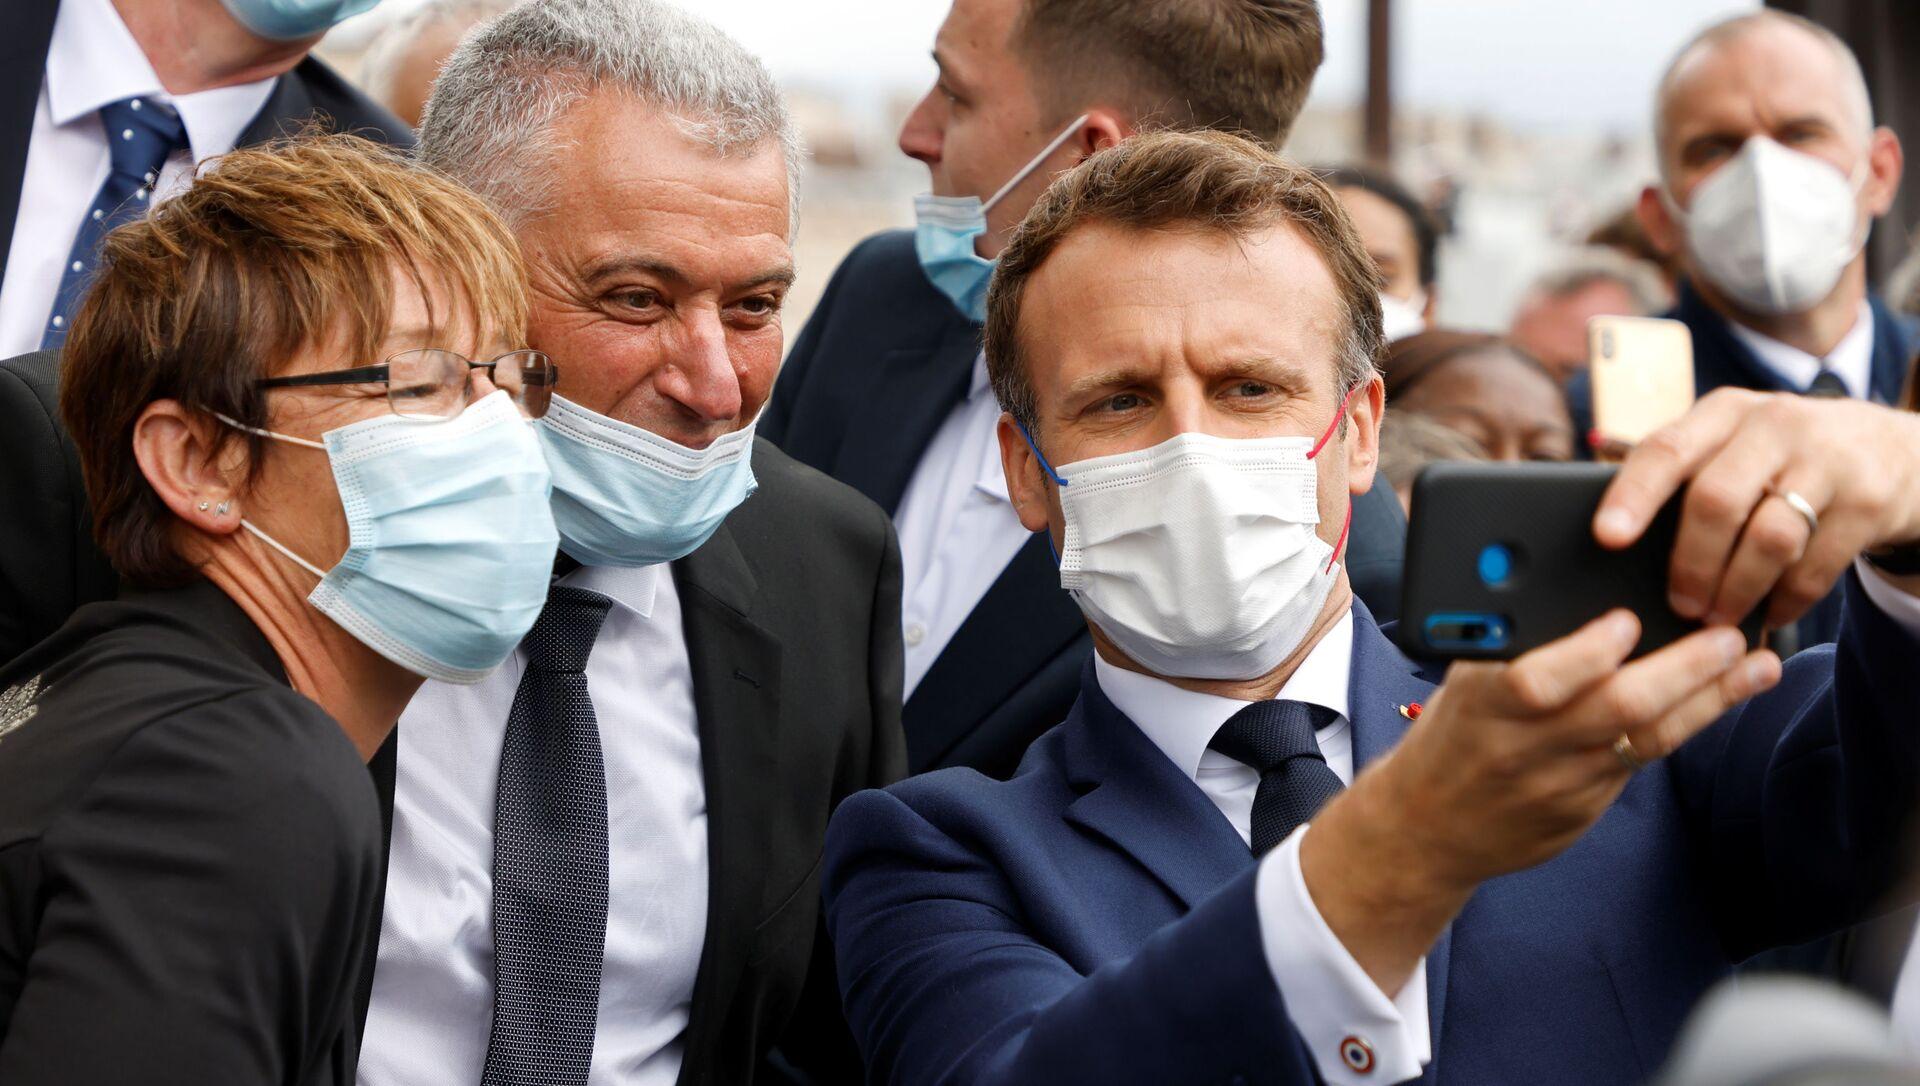 Emmanuel Macron, Champs-Elysees'deki Bastille Günü askeri geçit töreninde selfie çekerken - Sputnik Türkiye, 1920, 27.07.2021